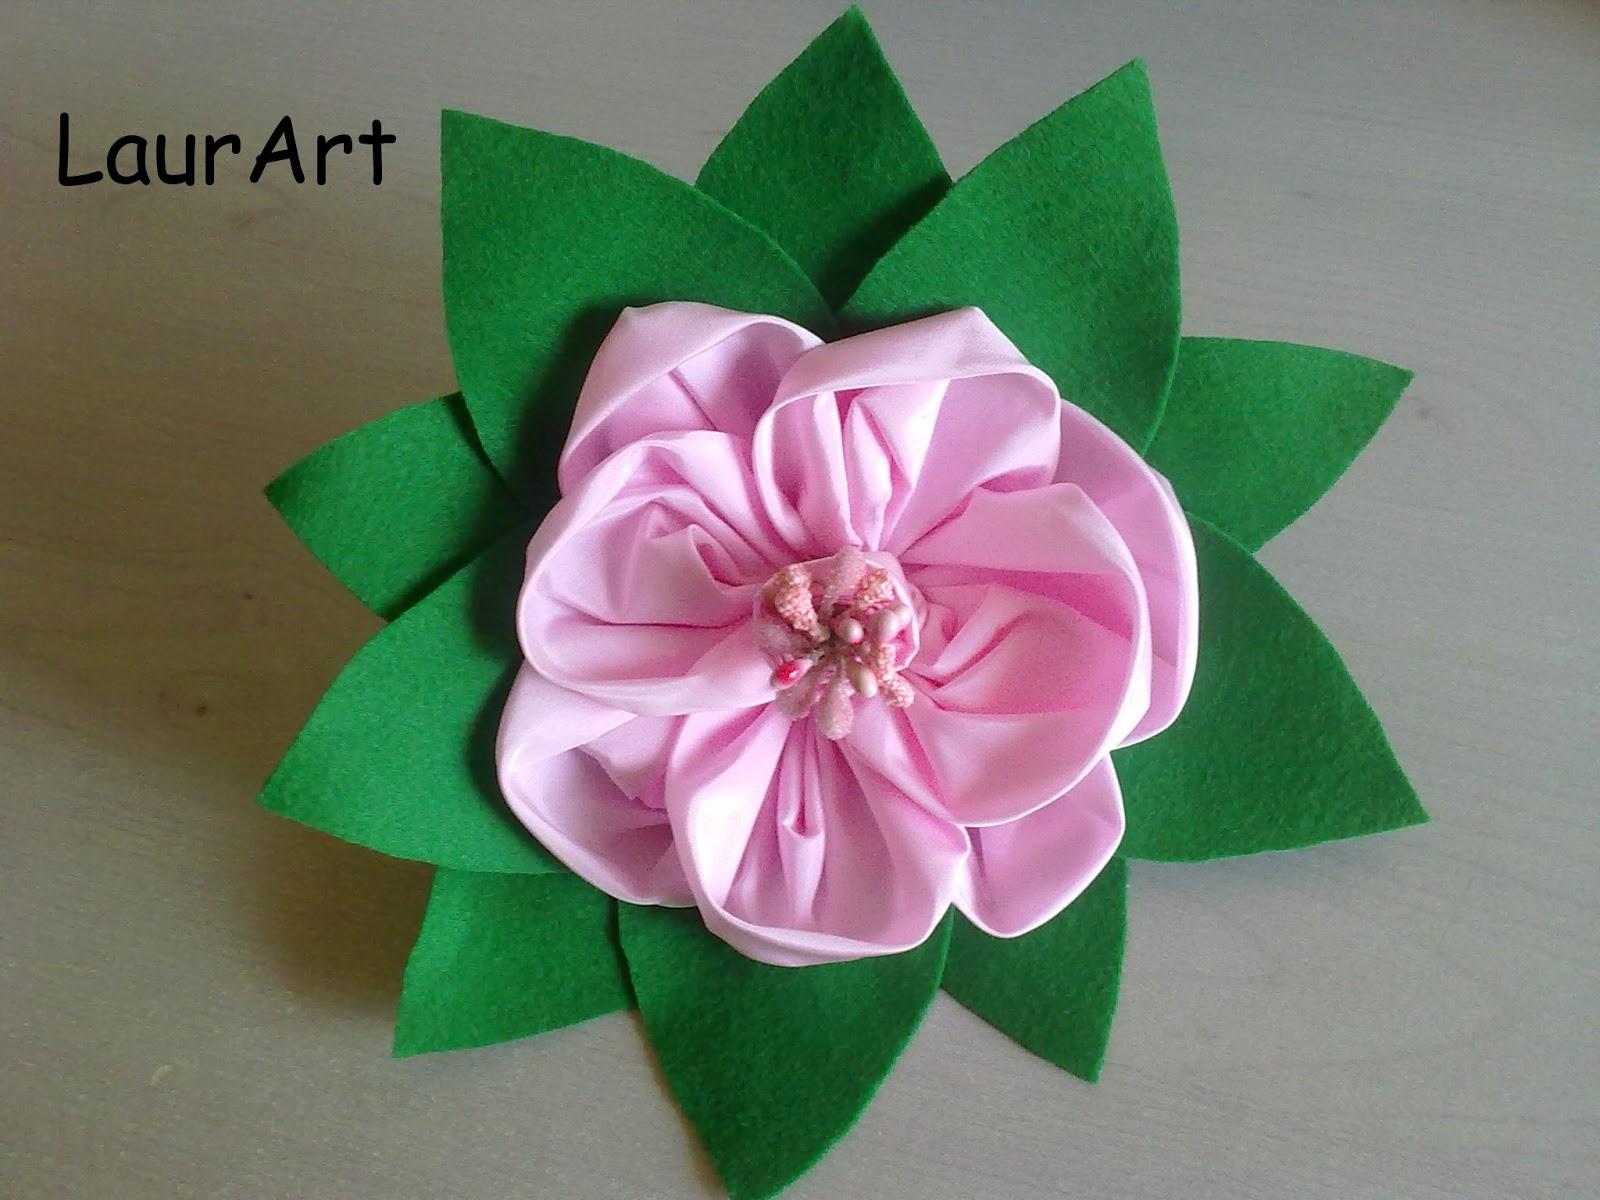 laurart handmade jewelry mille fiori di carta di